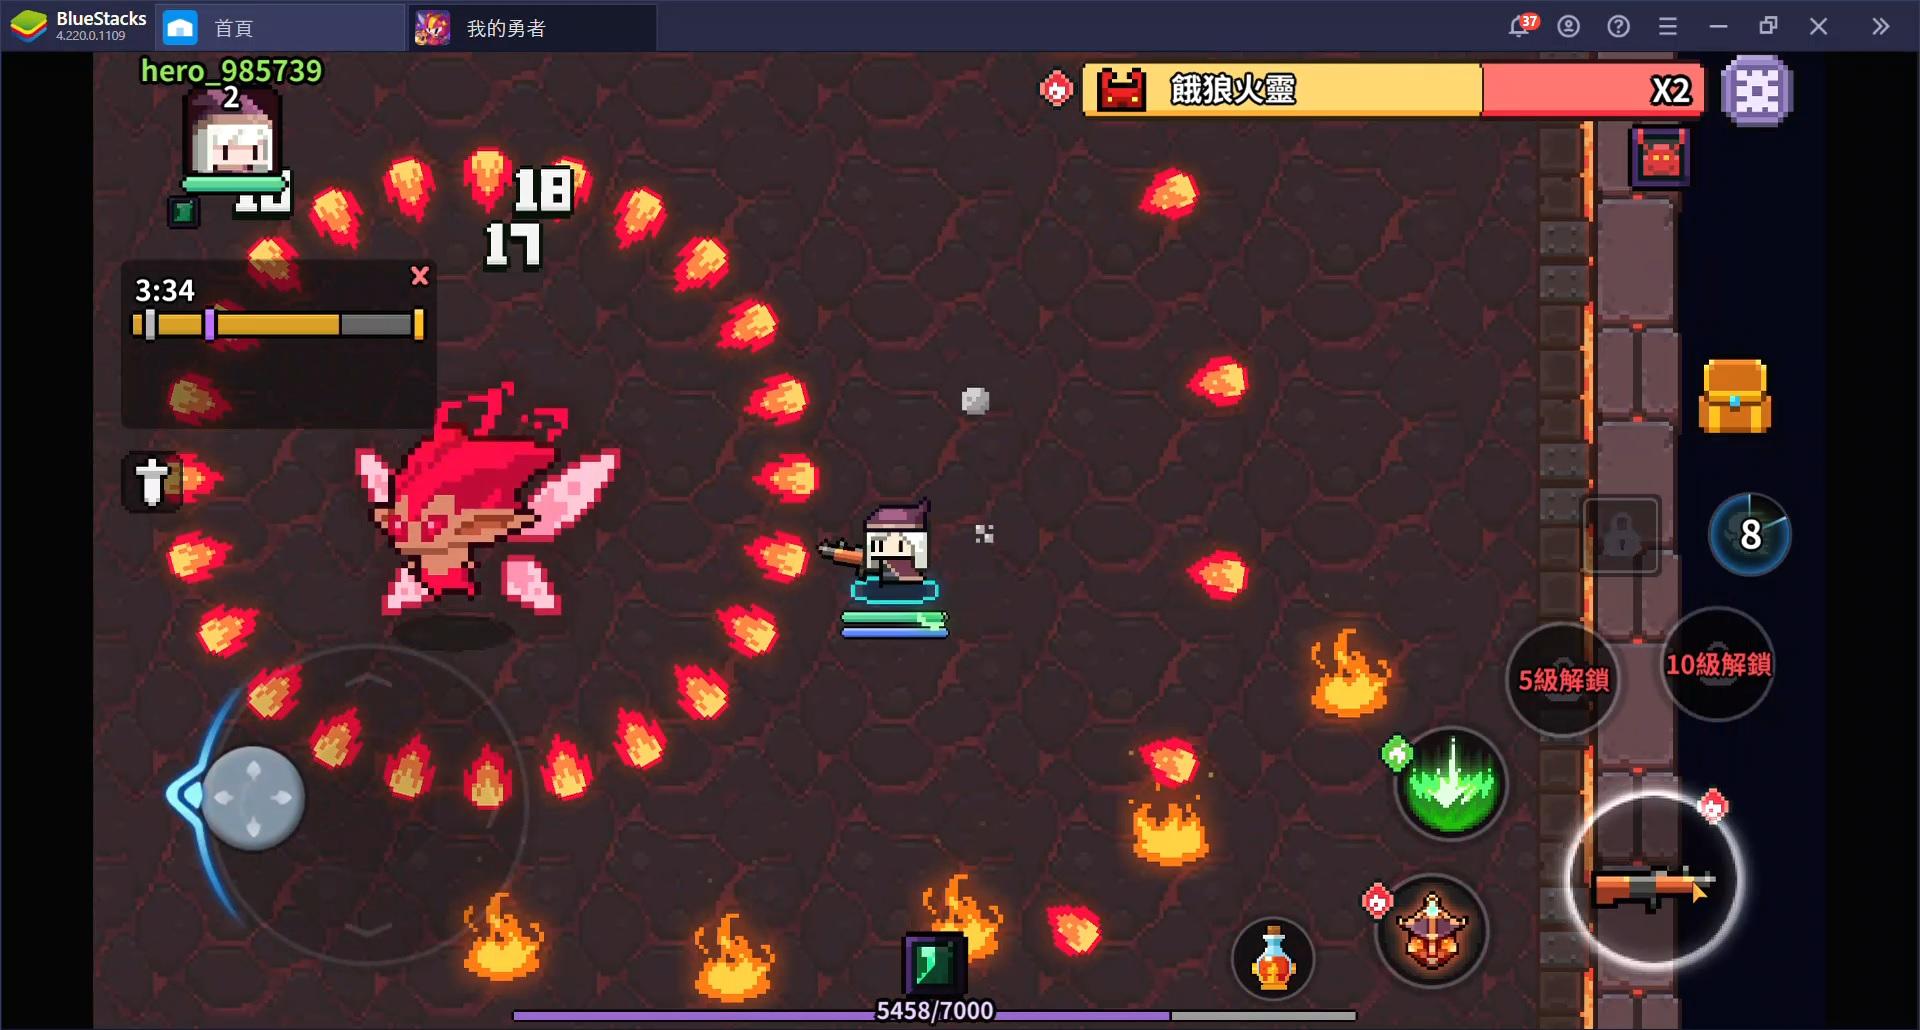 使用BlueStacks在PC上體驗像素風彈幕射擊RPG《我的勇者》